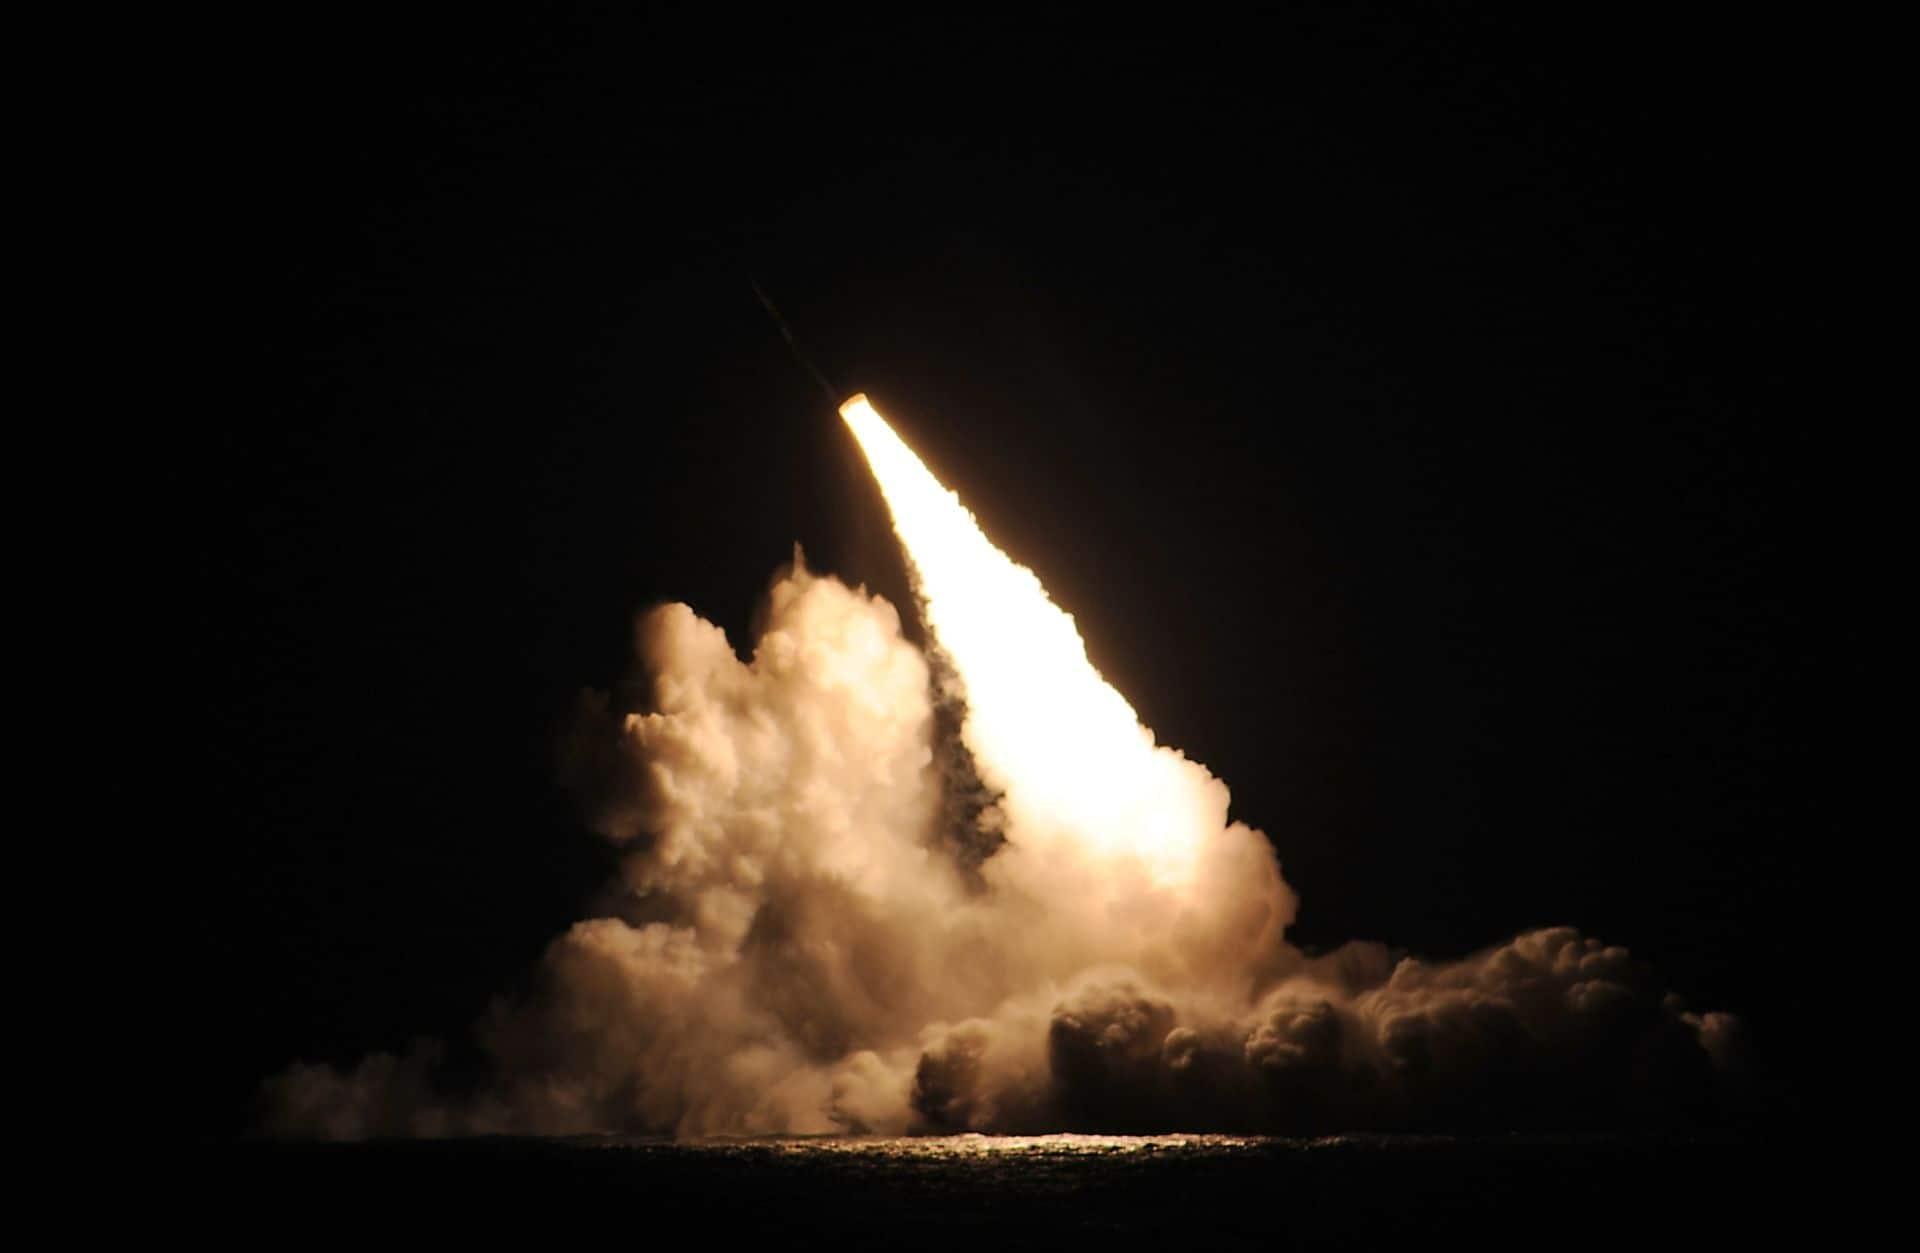 美公布新核威慑政策 先发制人理念易导致核冒险